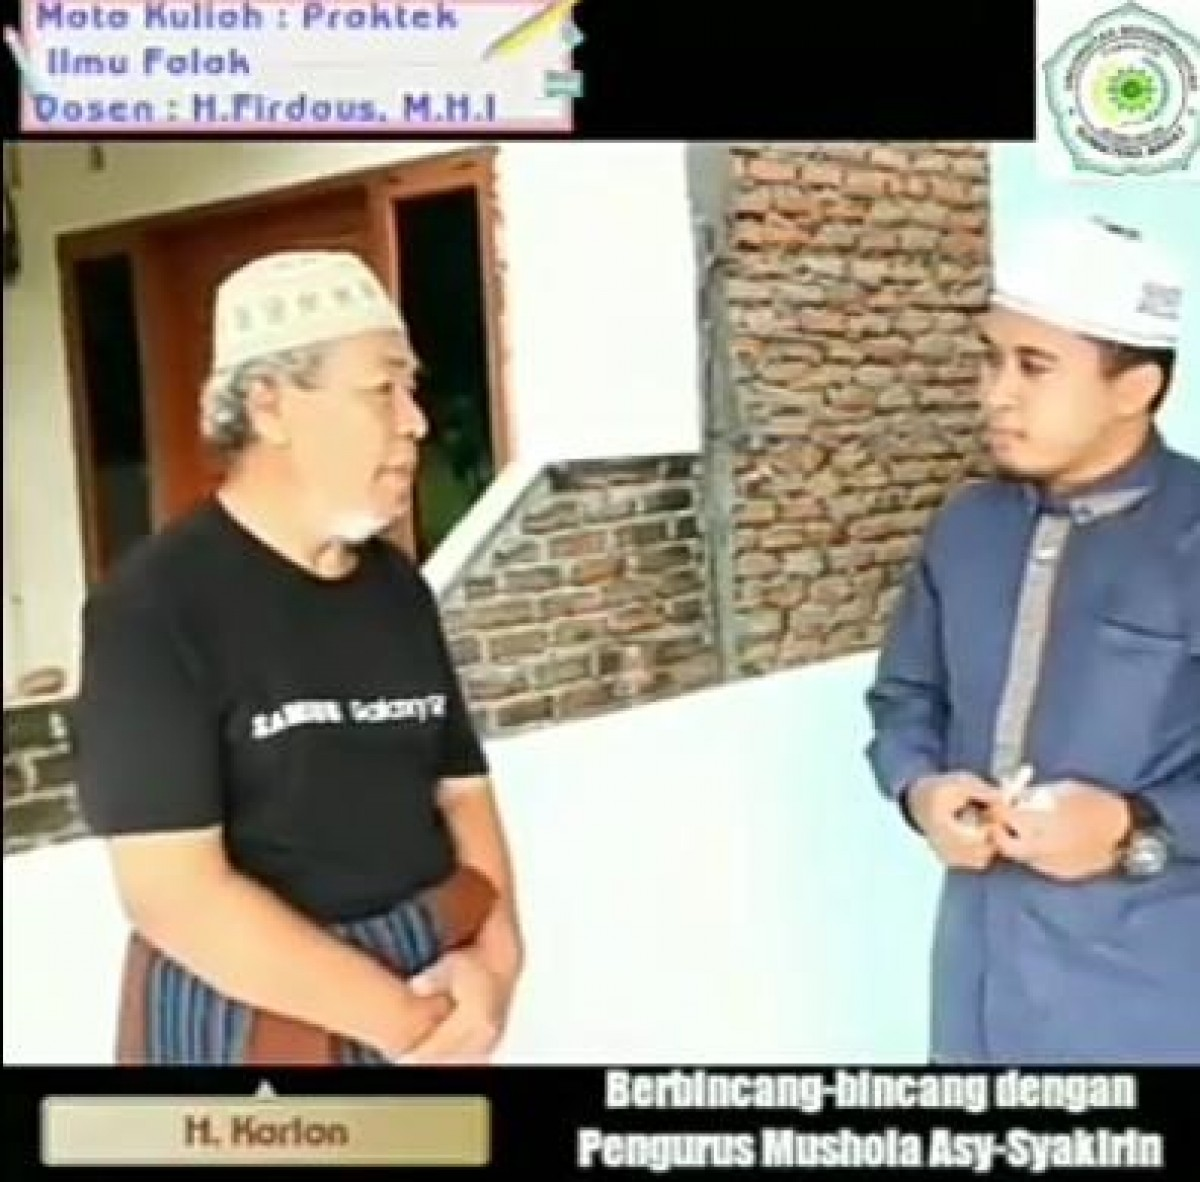 Apresiasi yang tinggi kepada mahasiswa Fakultas Agama Islam (FAI) Prodi Hukum Keluarga Universitas Muhammadiyah Sumatera Barat (UMSB) sukses menentukan Arah Kiblat dengan momen matahari atas Kakbah